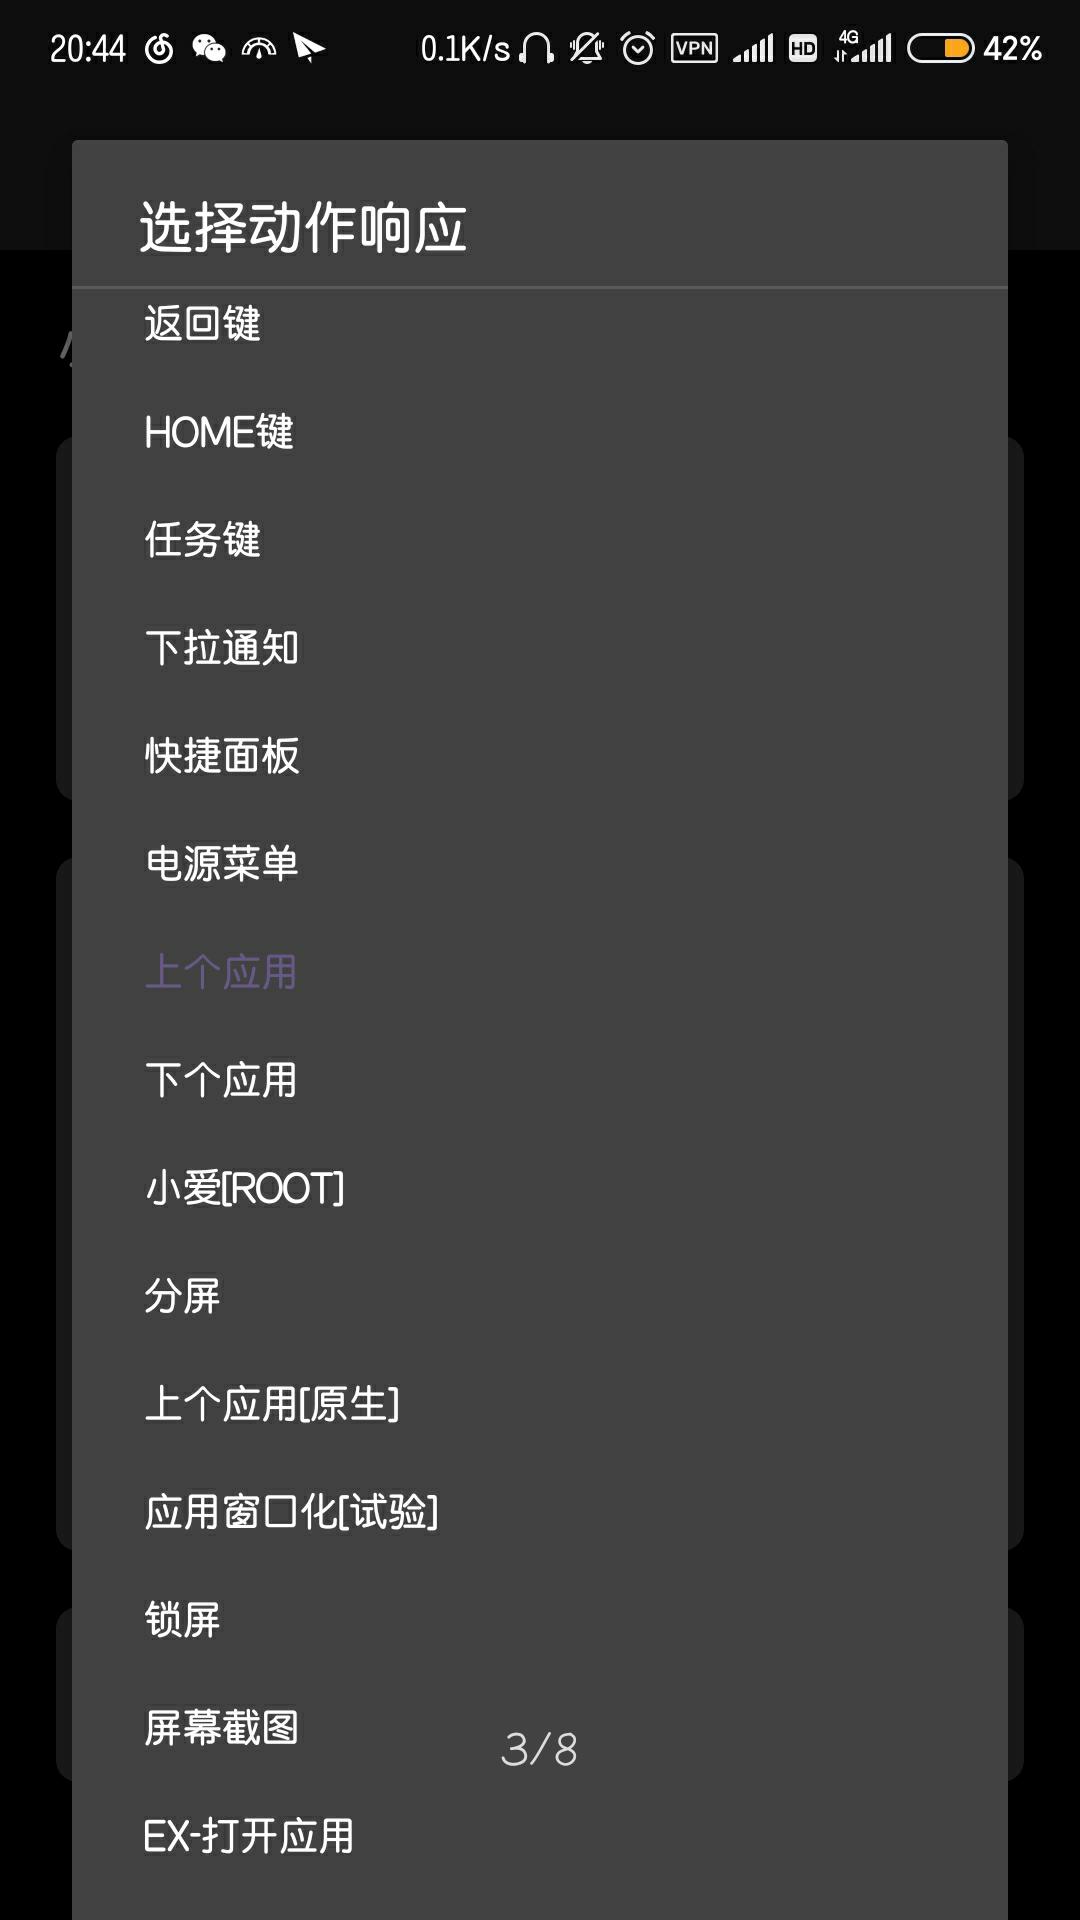 【分享】Gesture(手势导航) 1.3.5